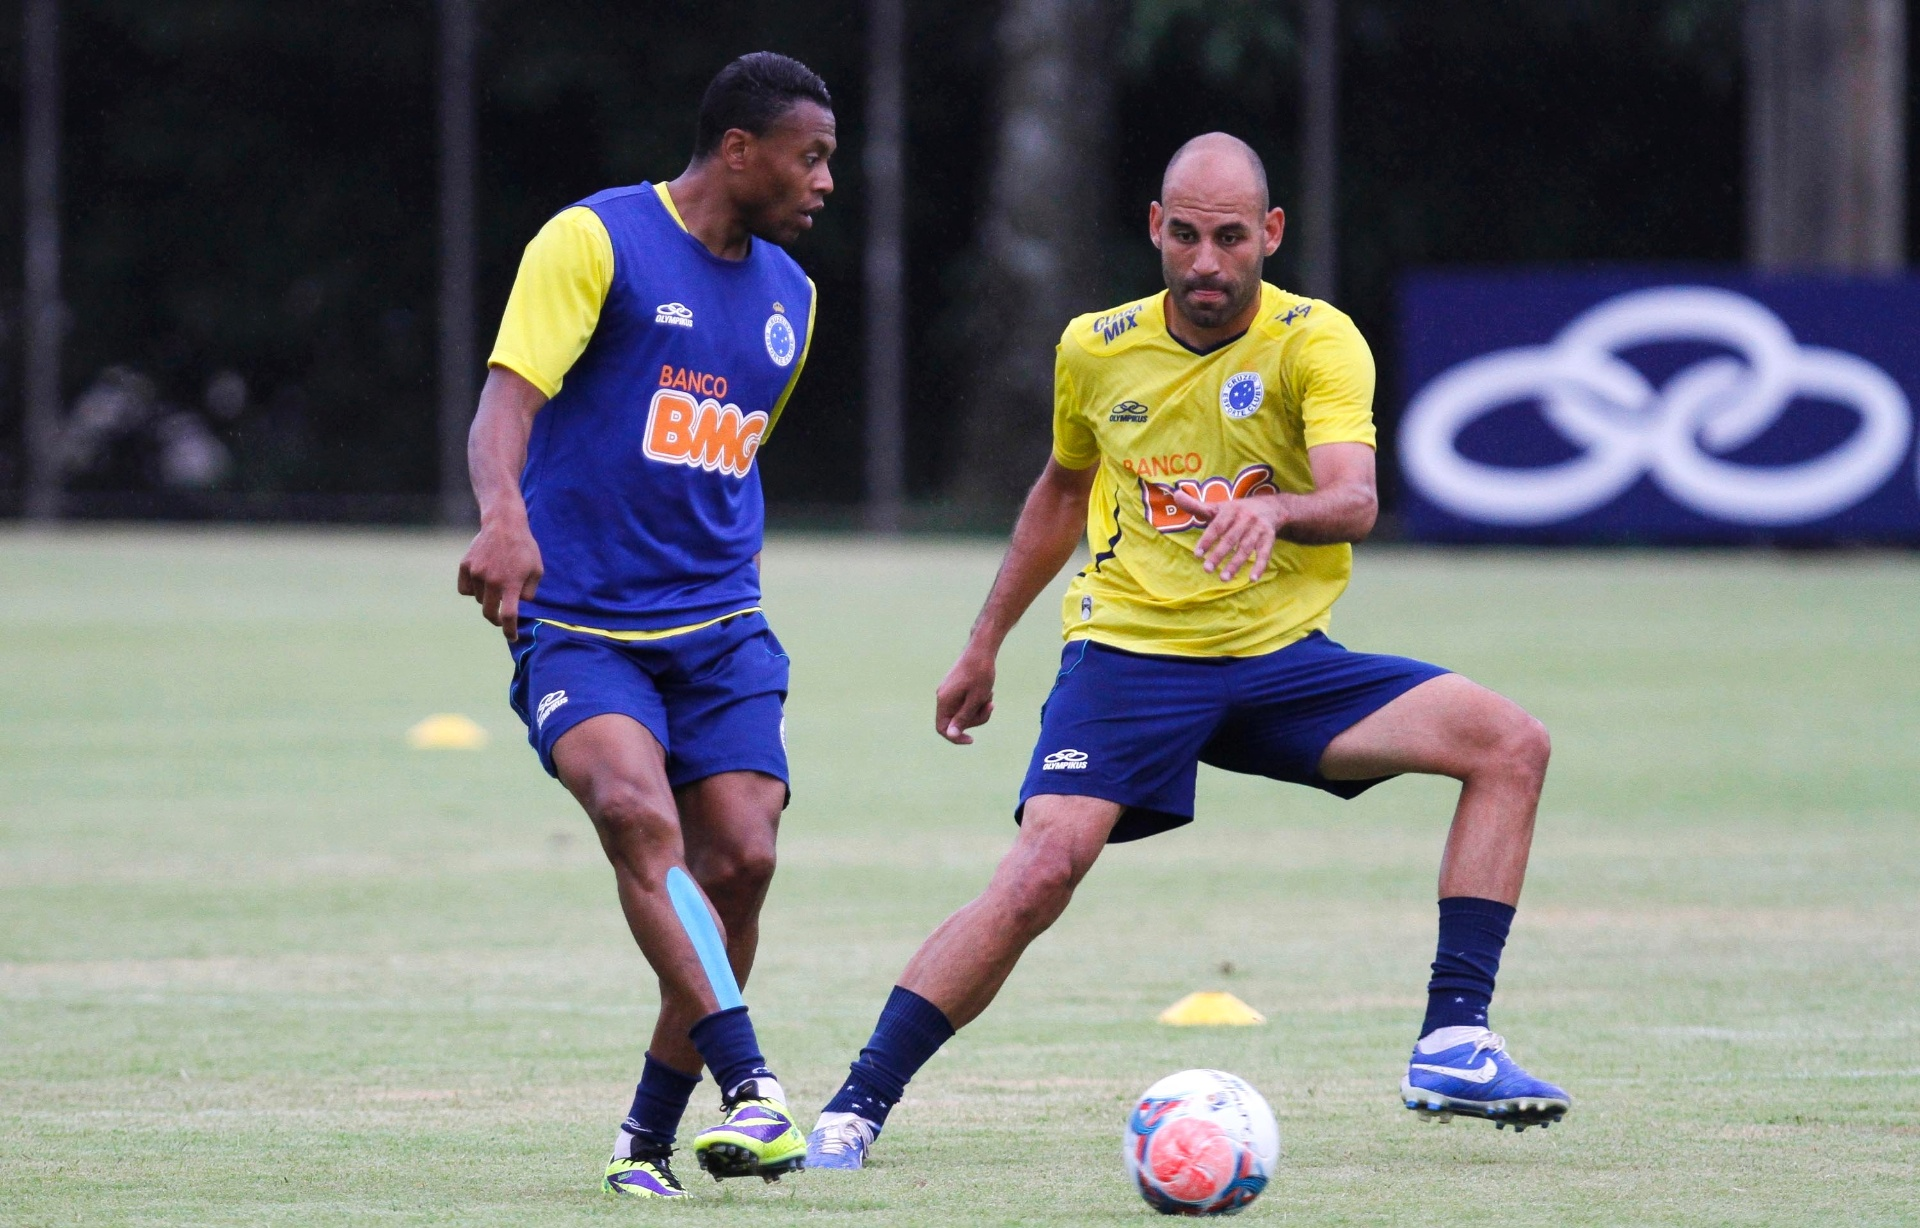 Cruzeiro ajusta nova numeração fixa em função de exigência da Libertadores  - 23 01 2014 - UOL Esporte 631d205e88f96